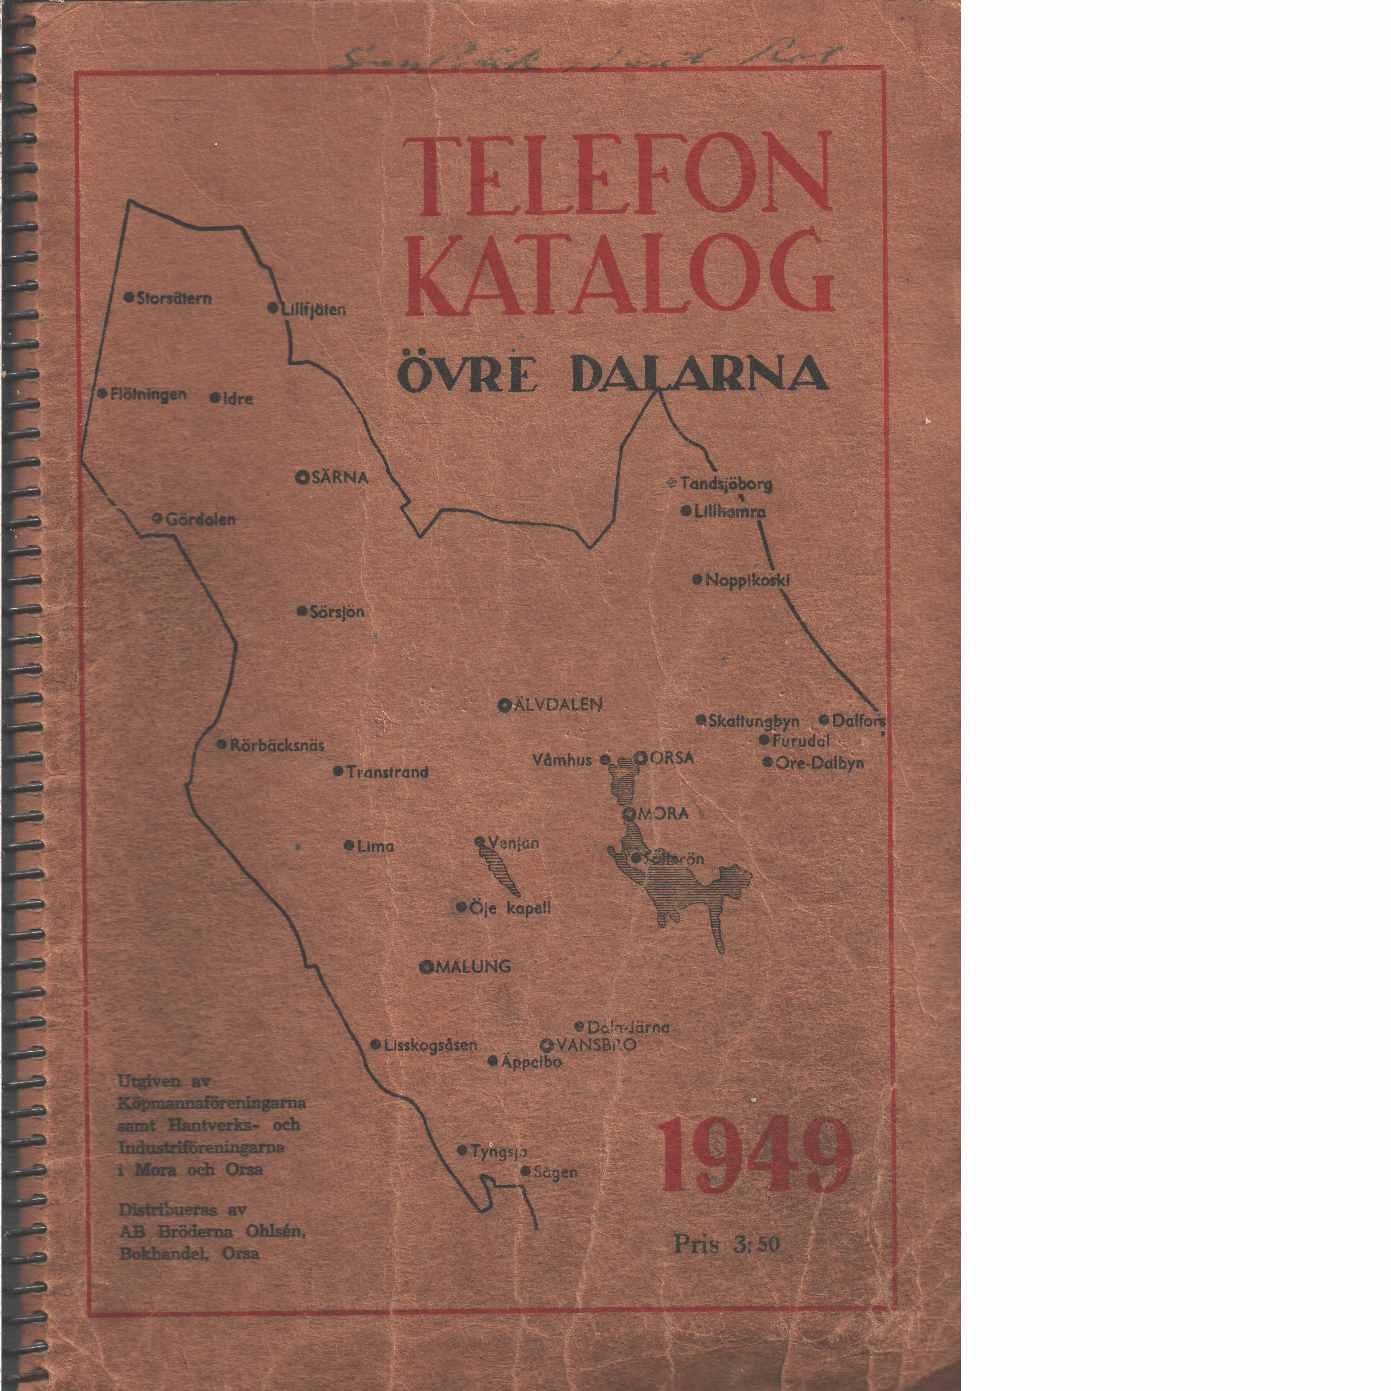 Telefonkatalog övre Dalarna  - Red.